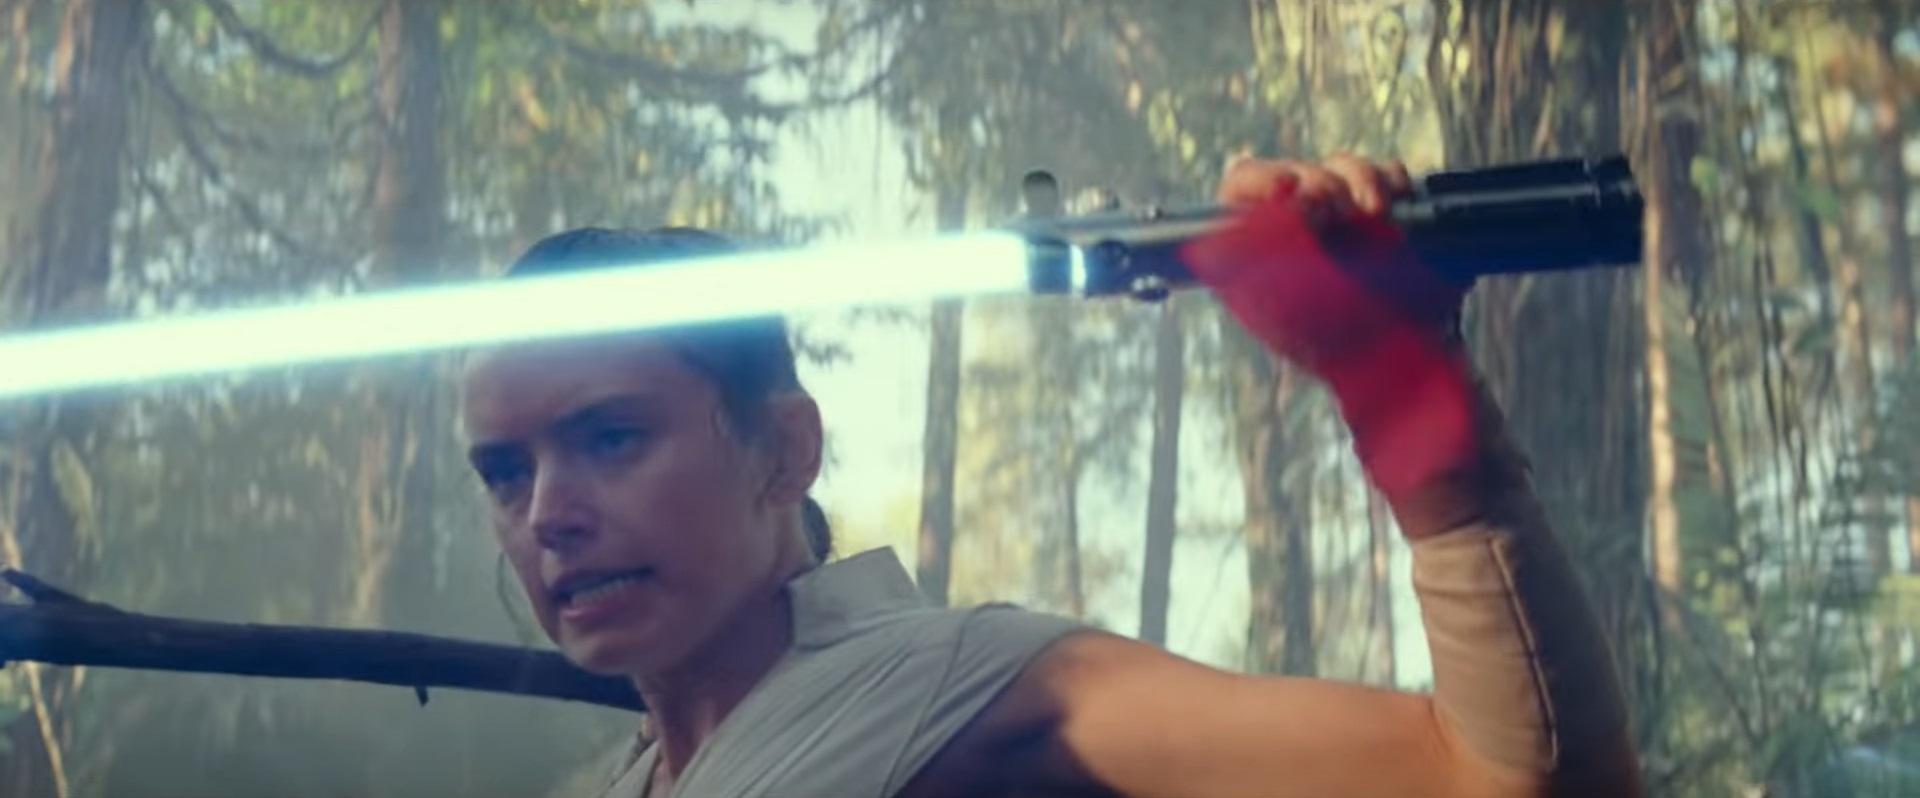 Gwiezdne Wojny: Skywalker. Odrodzenie najpopularniejsze w USA. TOP filmów oglądanych w USA